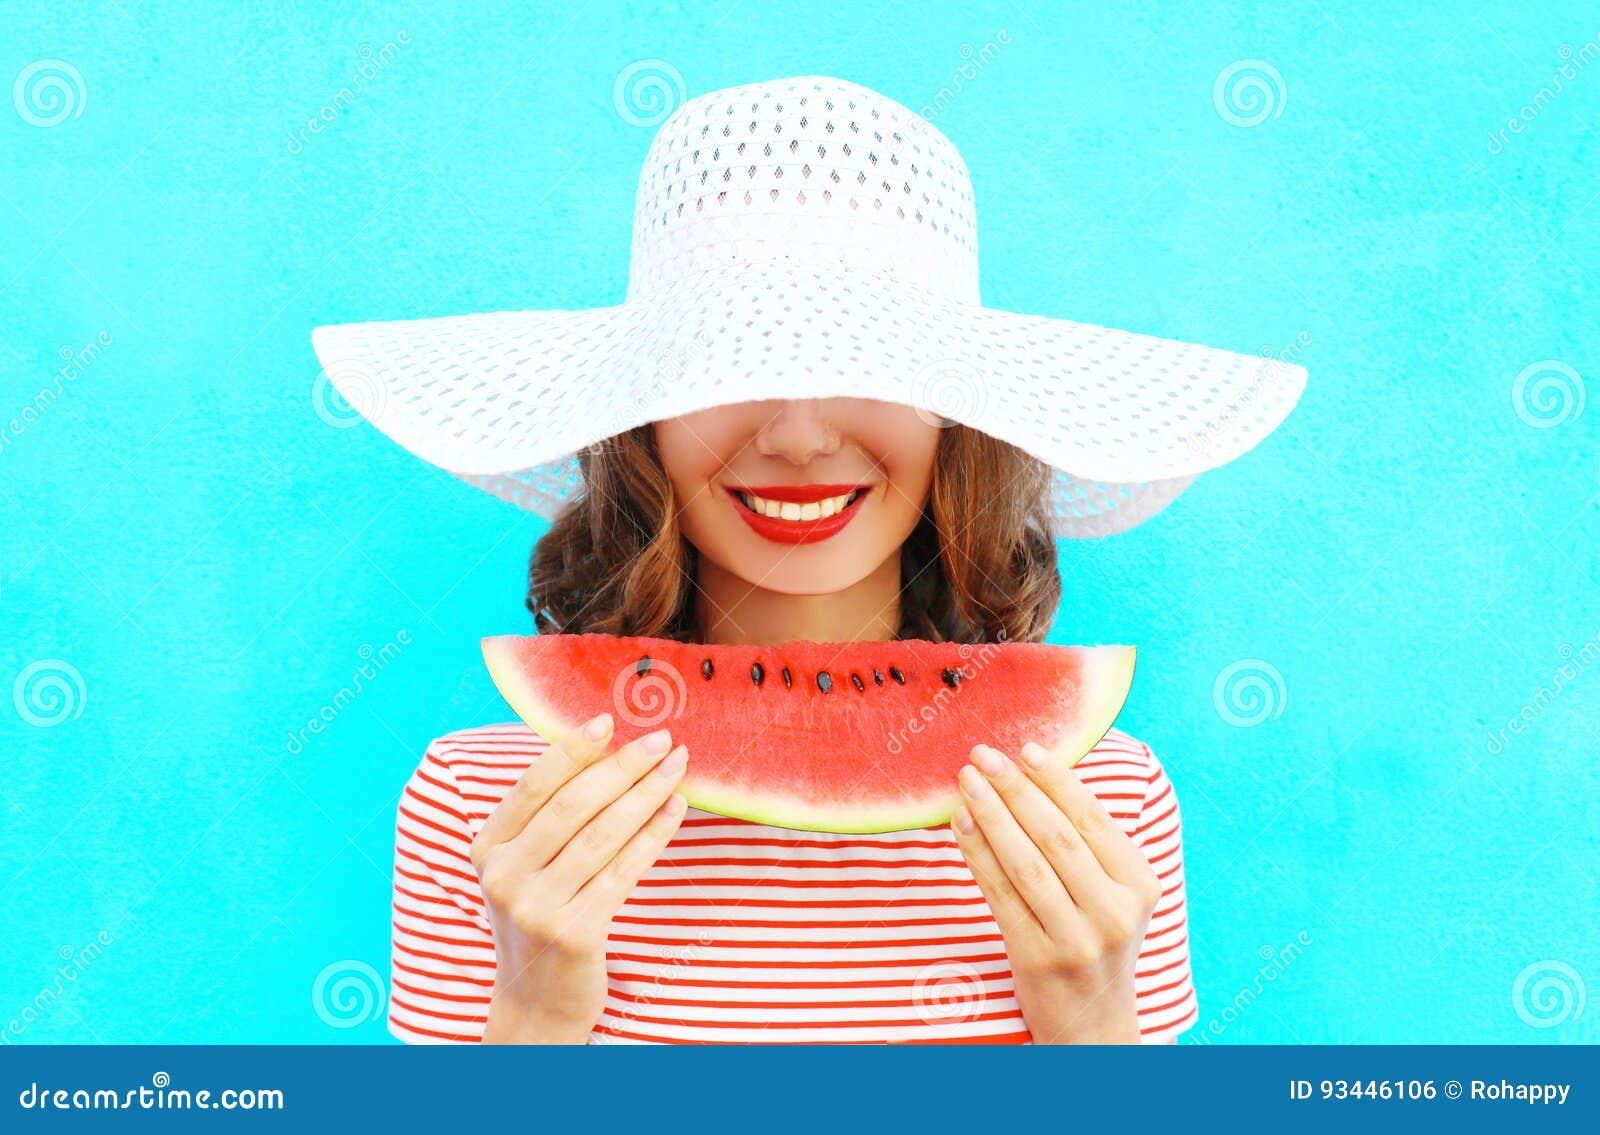 Glückliche lächelnde junge Frau des Modeporträts hält eine Scheibe der Wassermelone in einem Strohhut